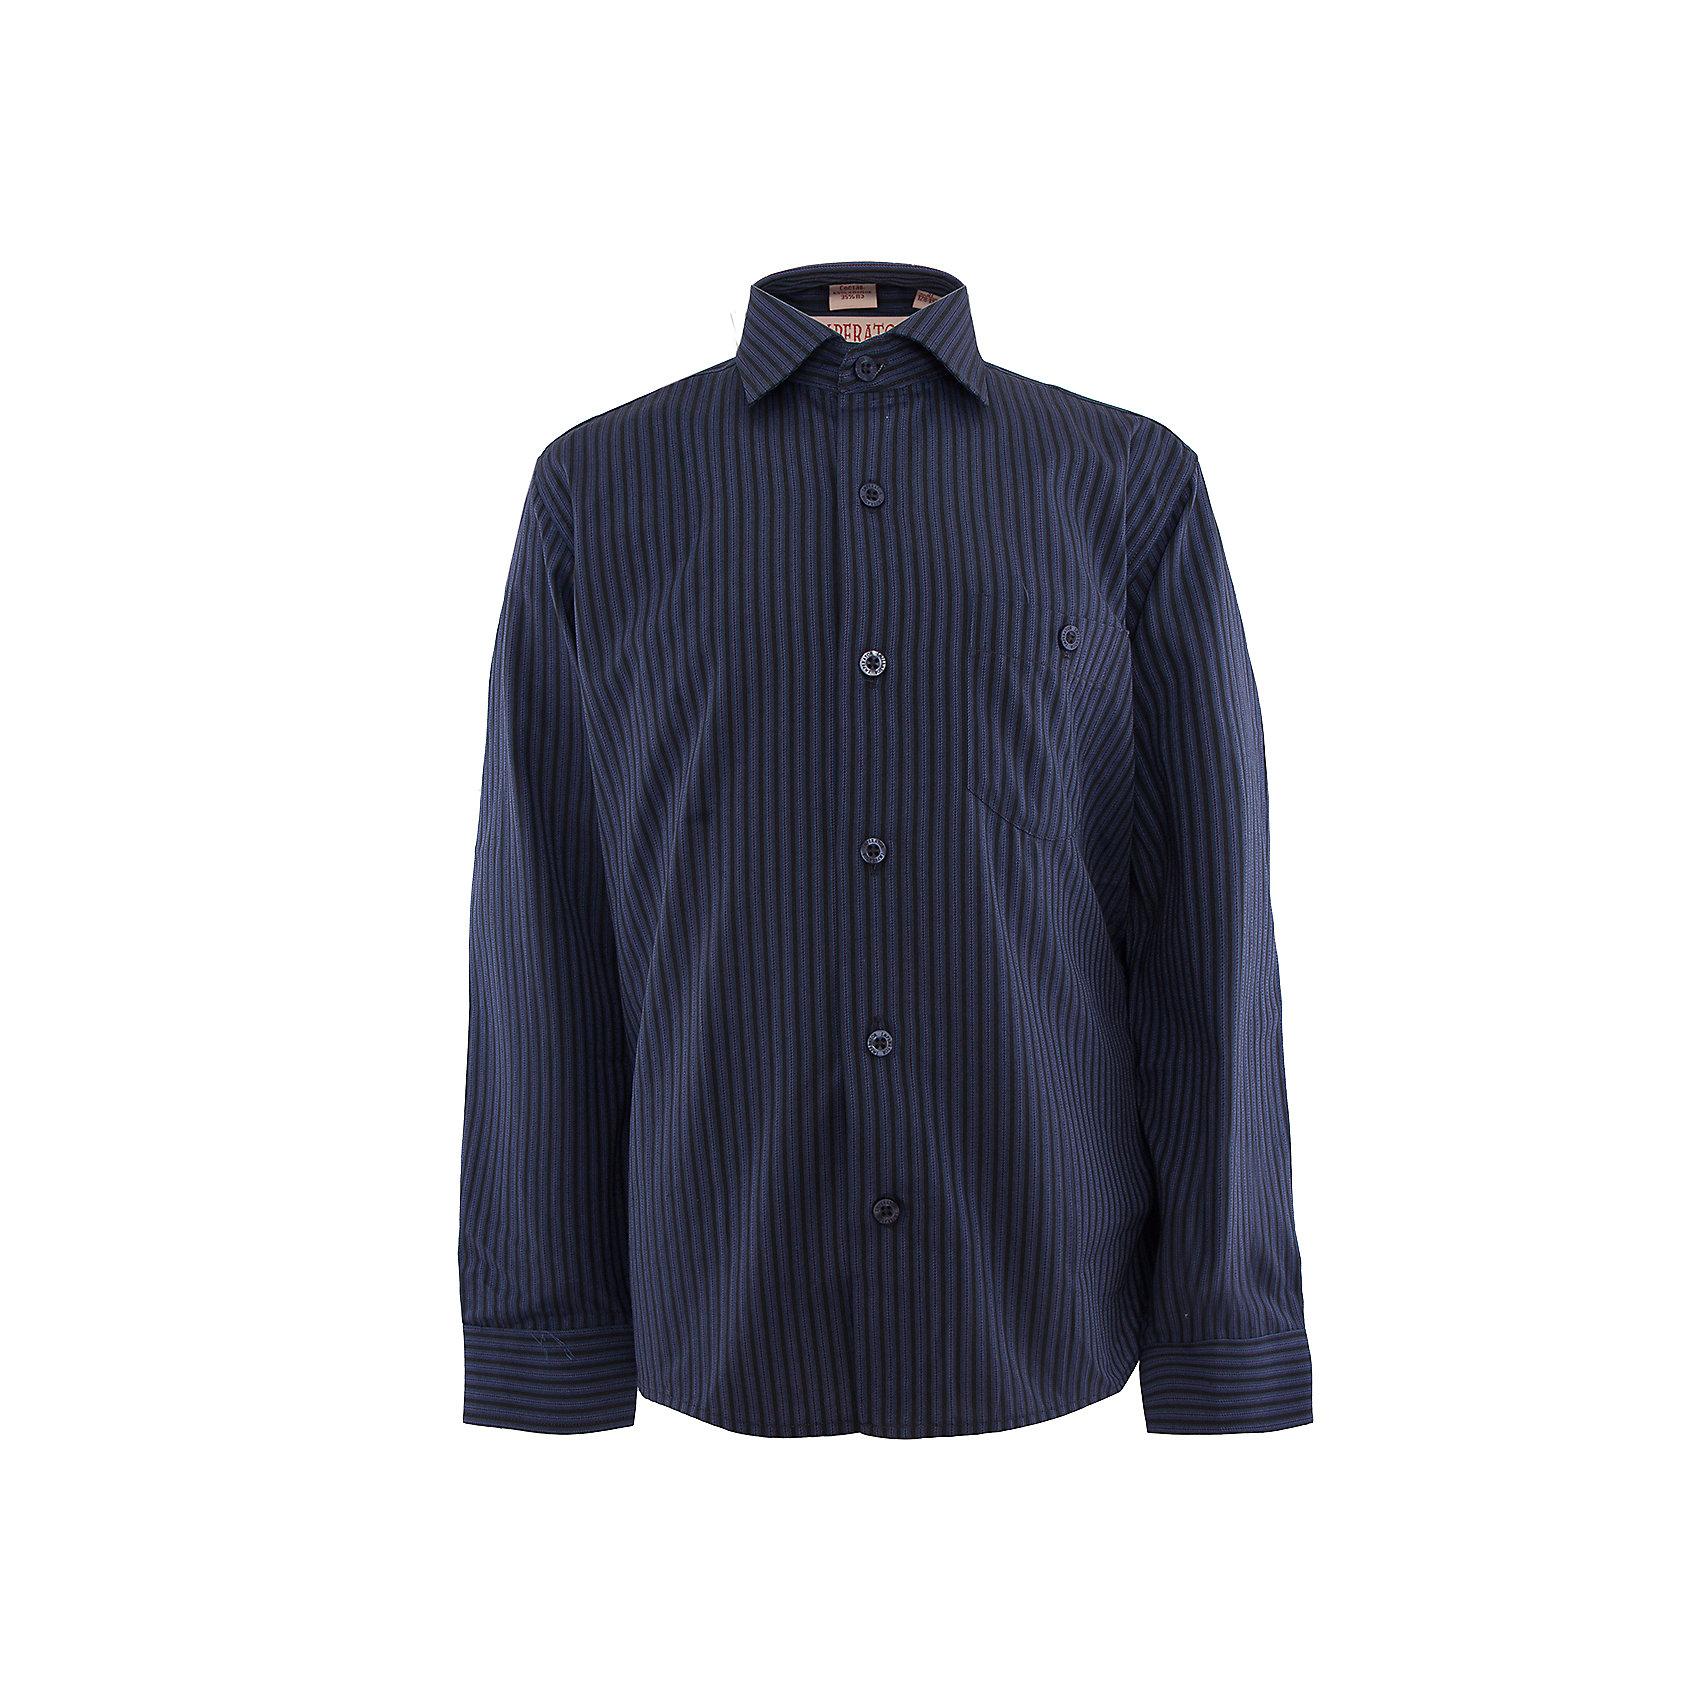 Рубашка для мальчика ImperatorБлузки и рубашки<br>Классическая рубашка - неотьемлемая вещь в гардеробе. Модель на пуговицах, с отложным воротником. Свободный покрой не стеснит движений и позволит чувствовать себя комфортно каждый день.  Состав 65 % хл. 35% П/Э<br><br>Ширина мм: 174<br>Глубина мм: 10<br>Высота мм: 169<br>Вес г: 157<br>Цвет: синий<br>Возраст от месяцев: 168<br>Возраст до месяцев: 180<br>Пол: Мужской<br>Возраст: Детский<br>Размер: 134/140,140/146,146/152,146/152,152/158,152/158,158/164,164/170,122/128,128/134<br>SKU: 4749458